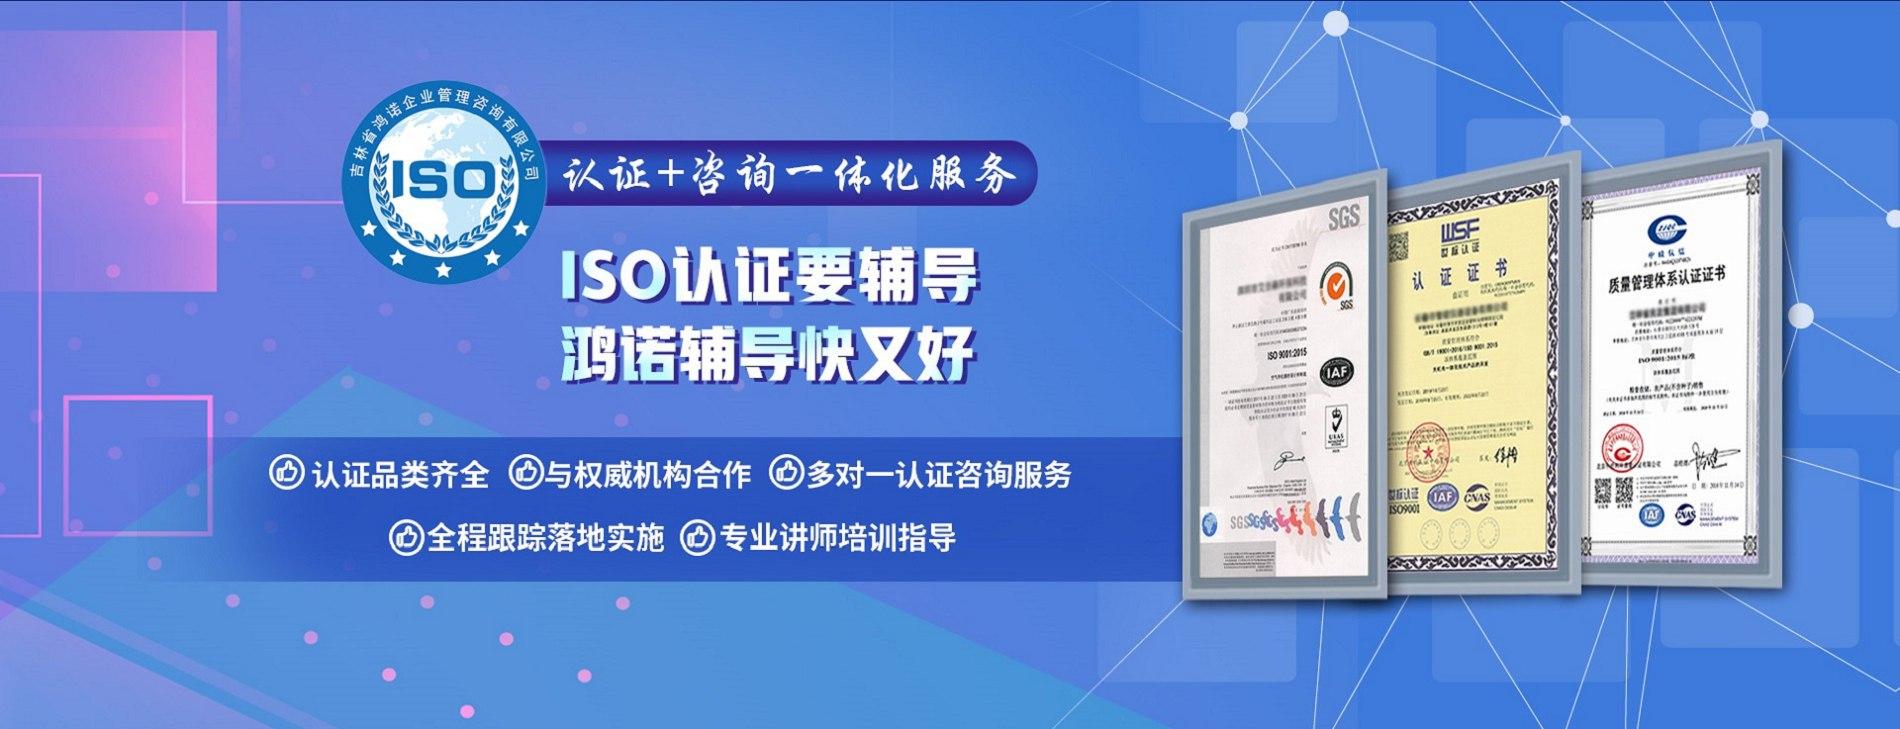 辽源2008质量管理体系认证【权威发证机构,不过退全款】